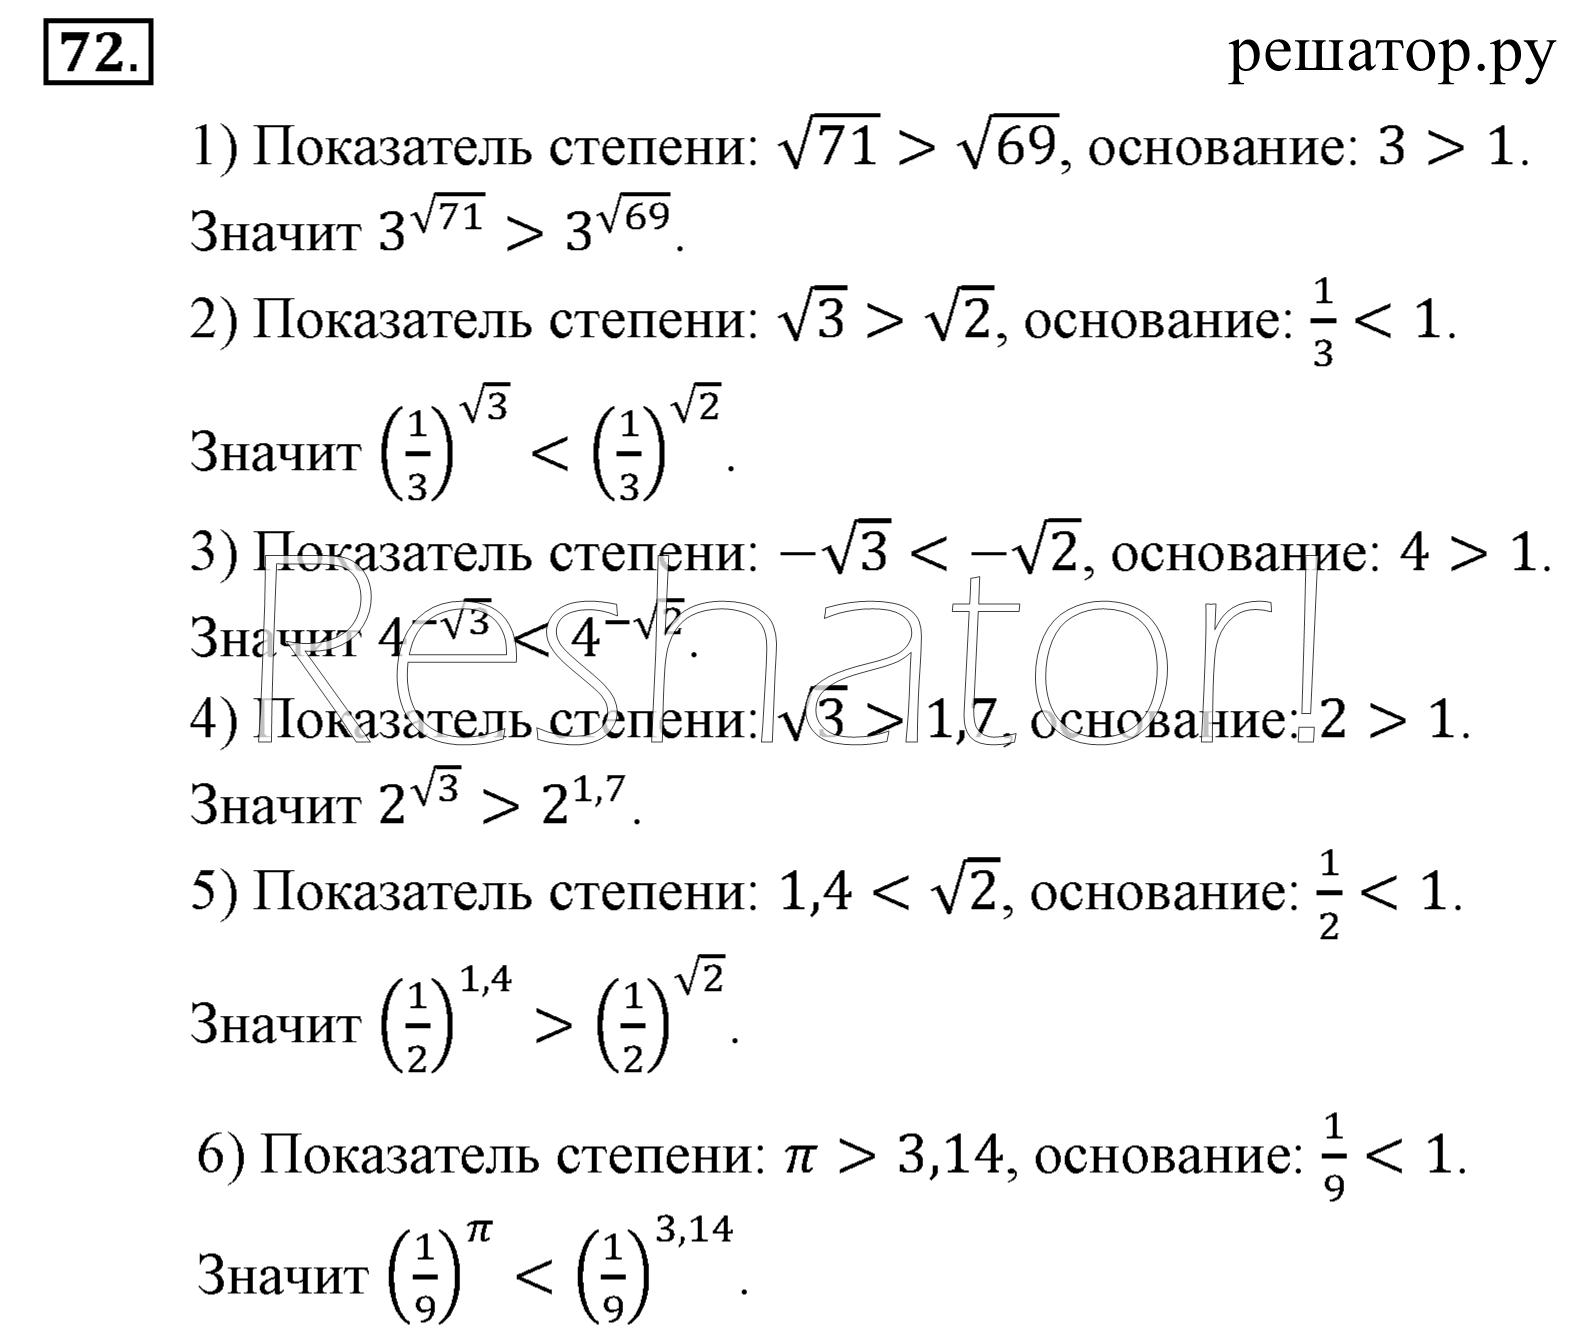 Скачать учебник по алгебре 10-11 класс алимов.